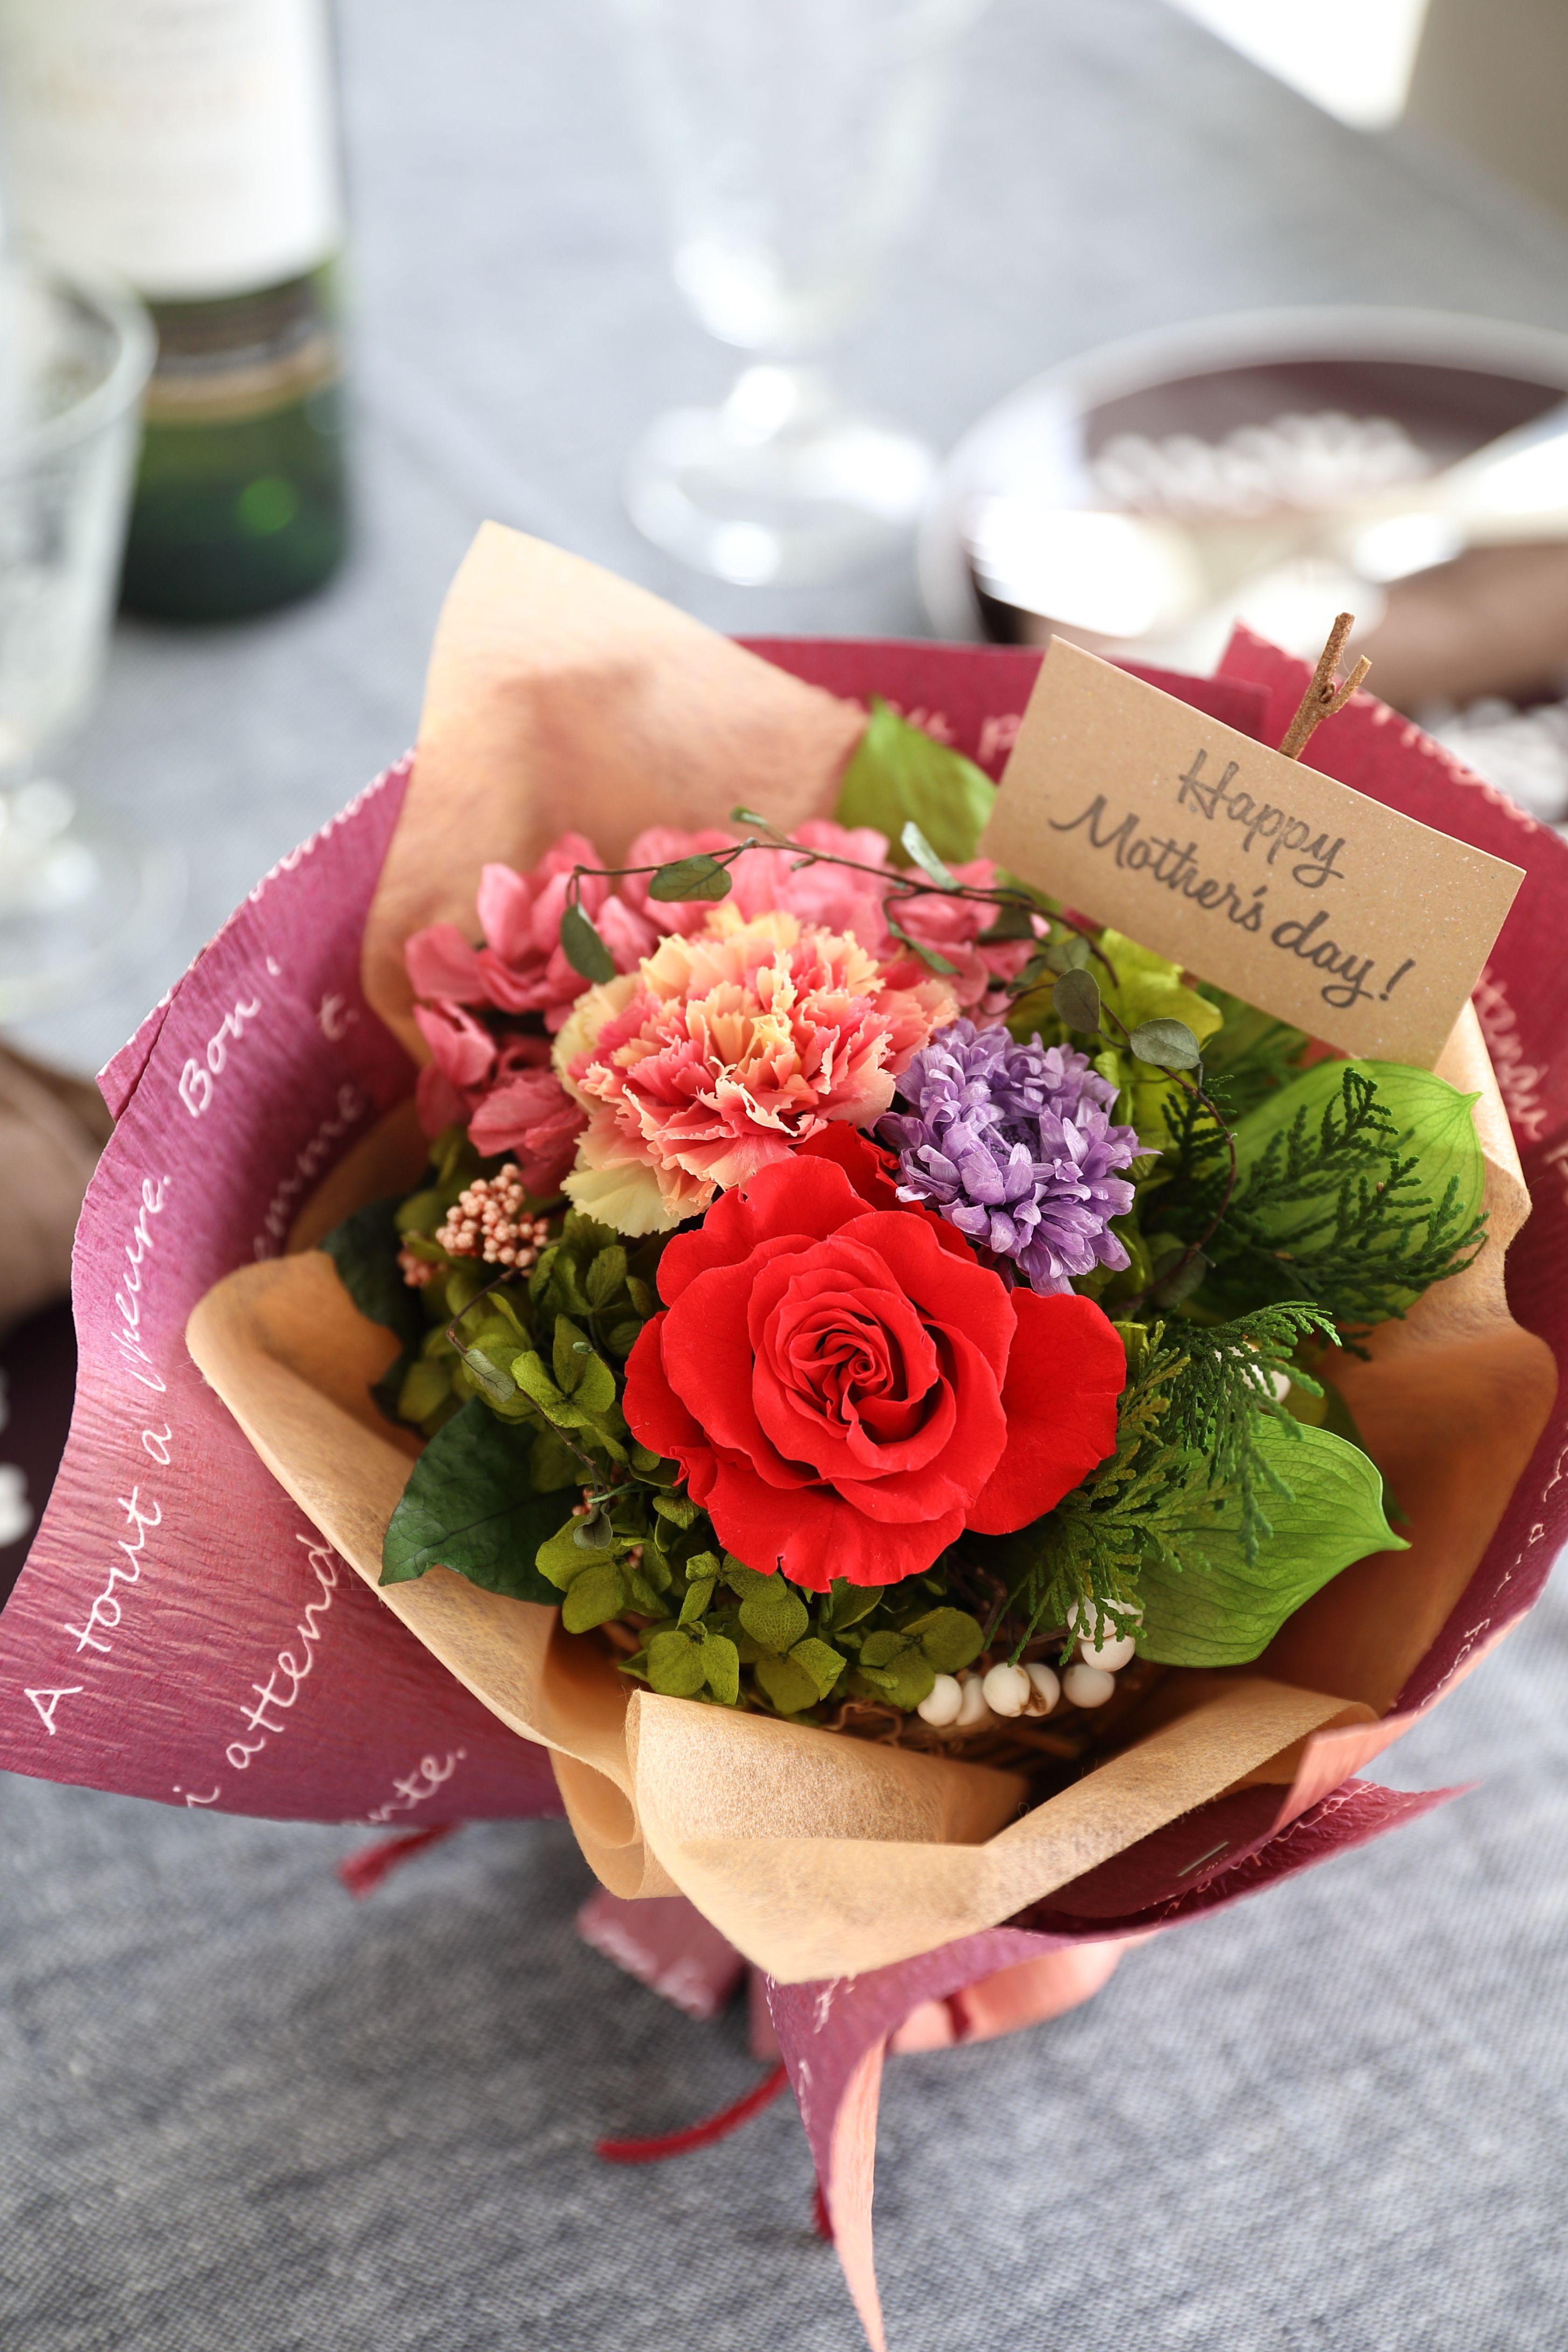 特別な日に贈るプリザーブドフラワーのフェリーチェ ブーケ 幸せなブーケ ブーケ プリザーブドフラワー 記念日